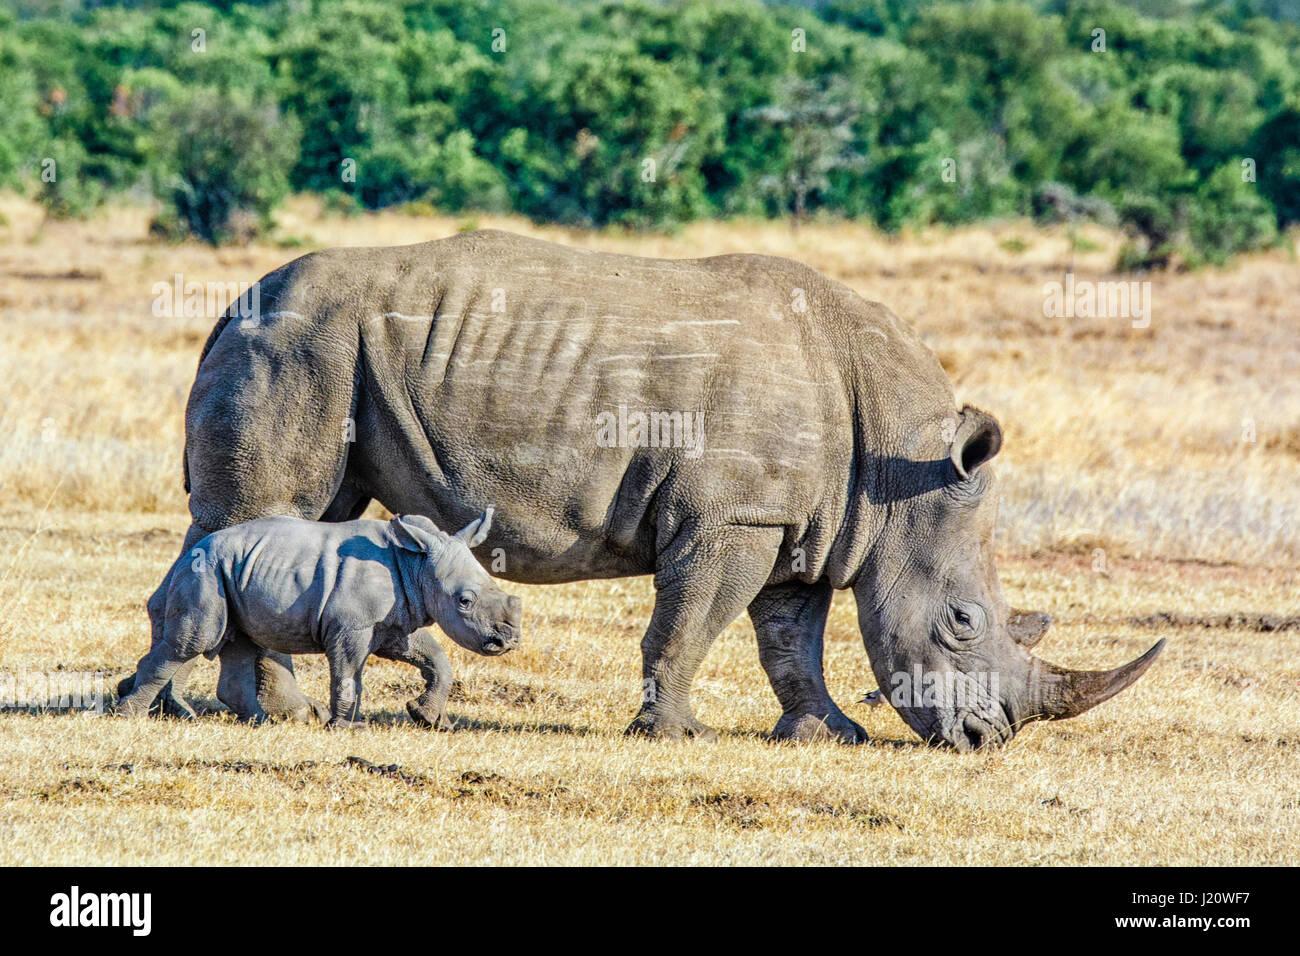 adult-white-rhinoceros-ceratotherium-sim